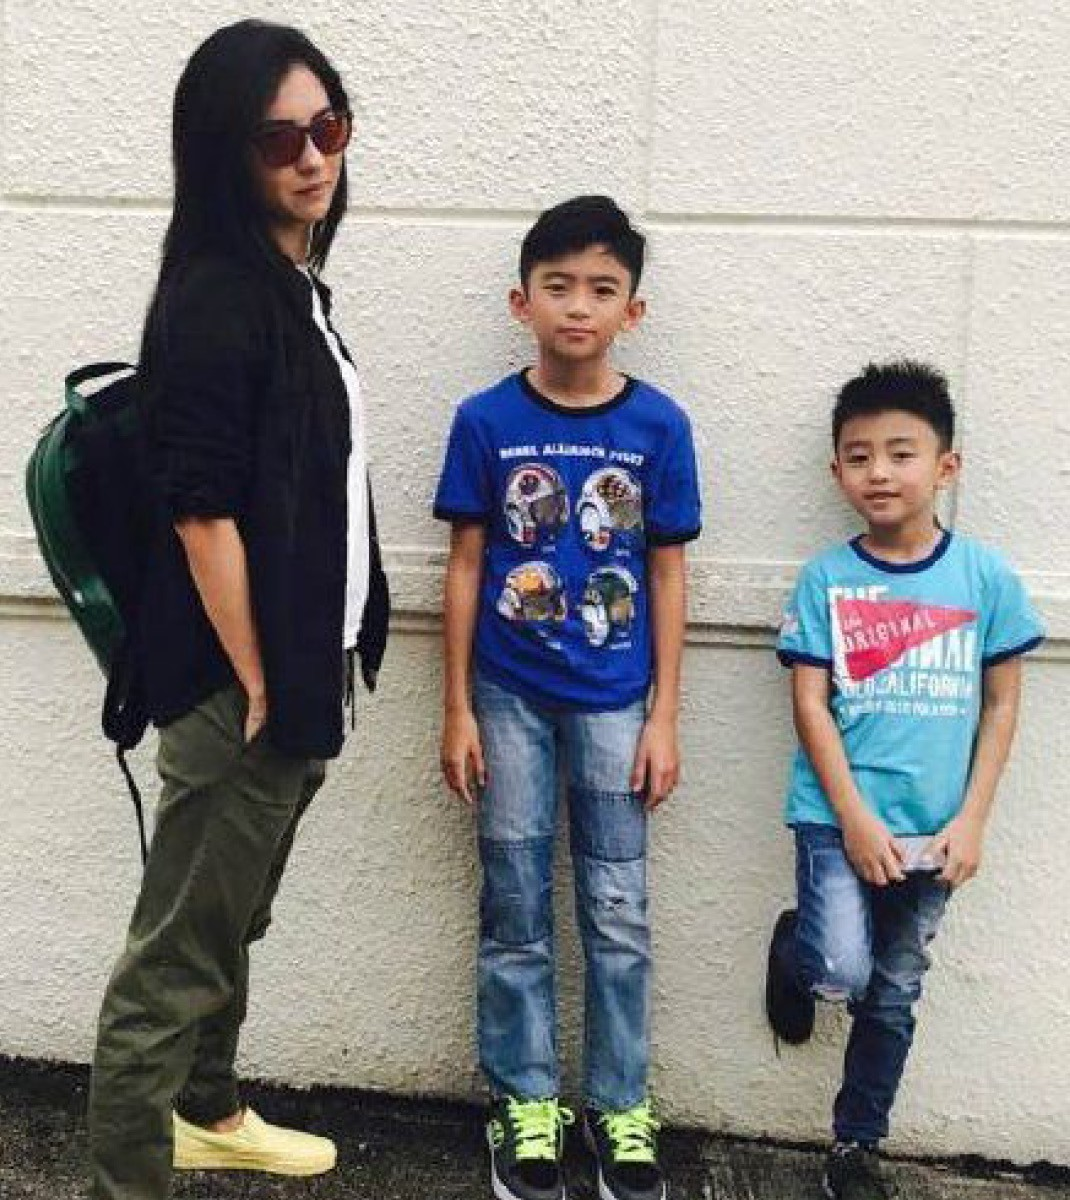 Những đứa con đẹp như thiên thần của dàn sao châu Á: Không ít bé lớn lên trong hoàn cảnh gia đình tan vỡ - Ảnh 28.